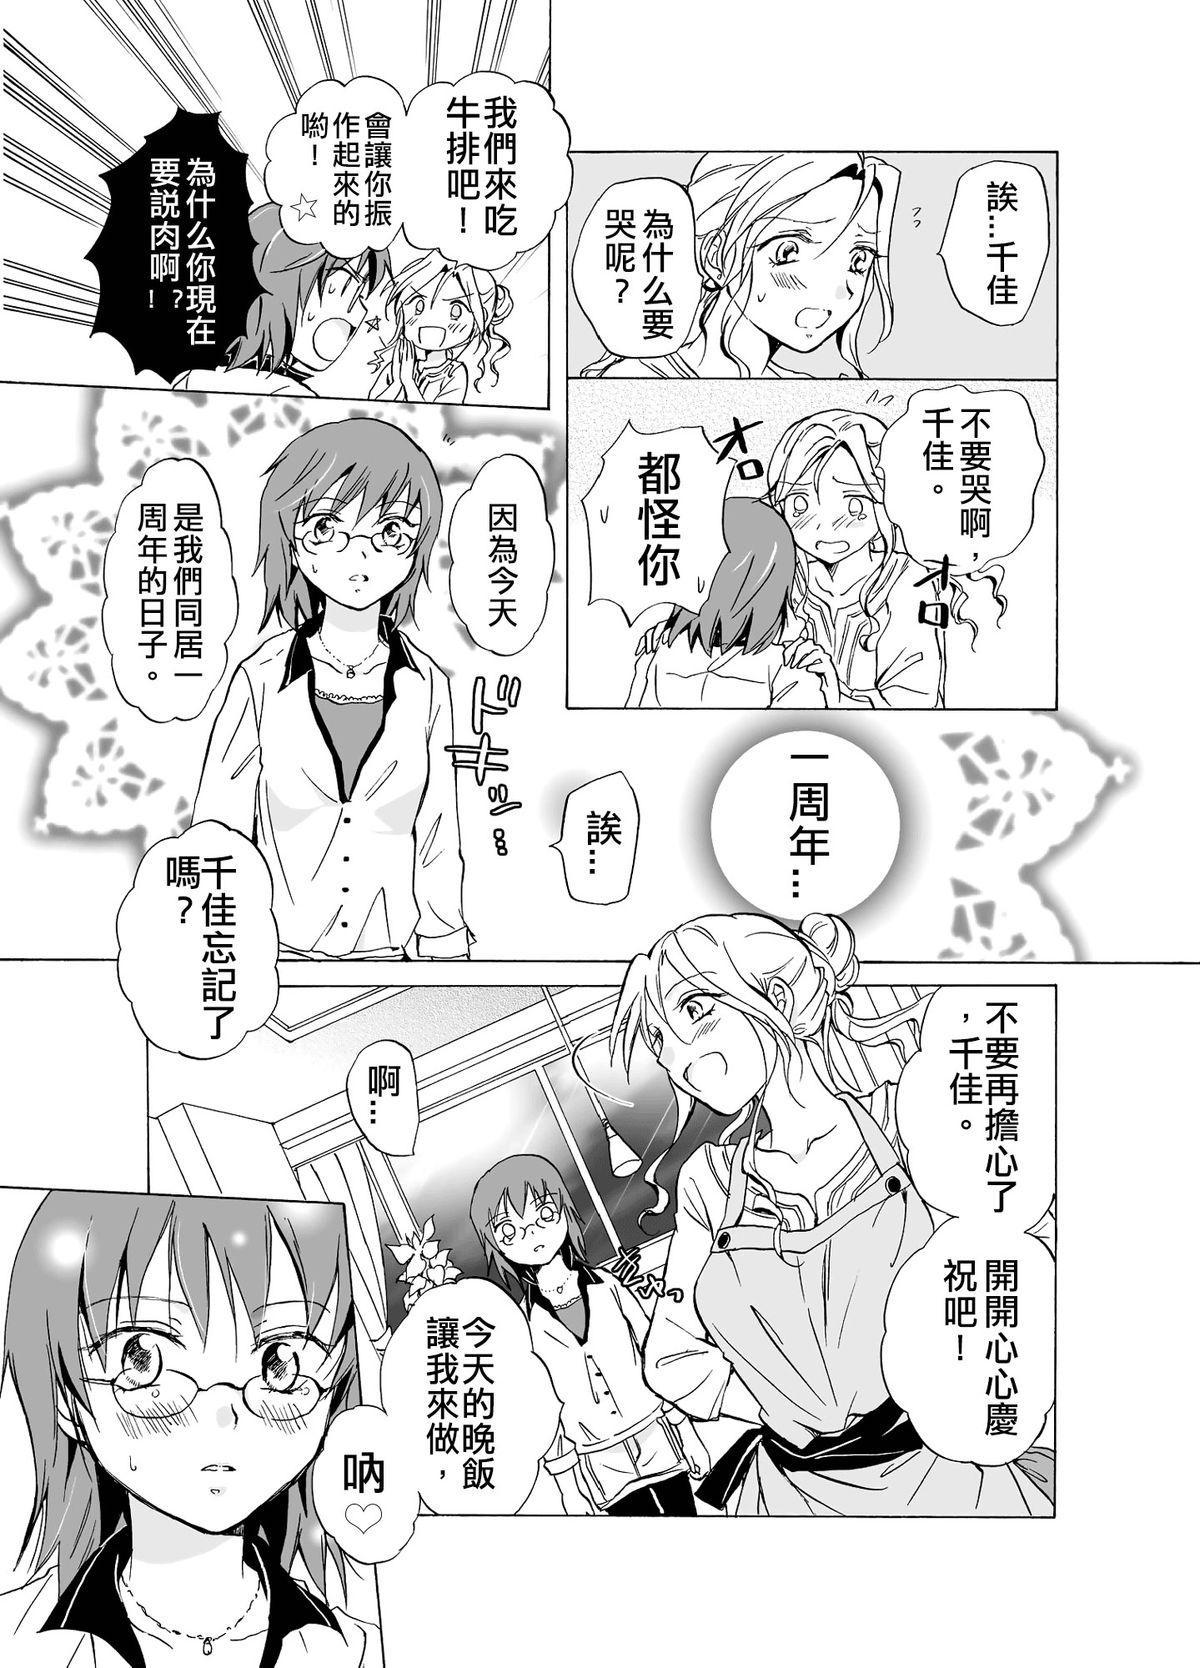 Aisaresugite Komaru no | 為愛所困 24